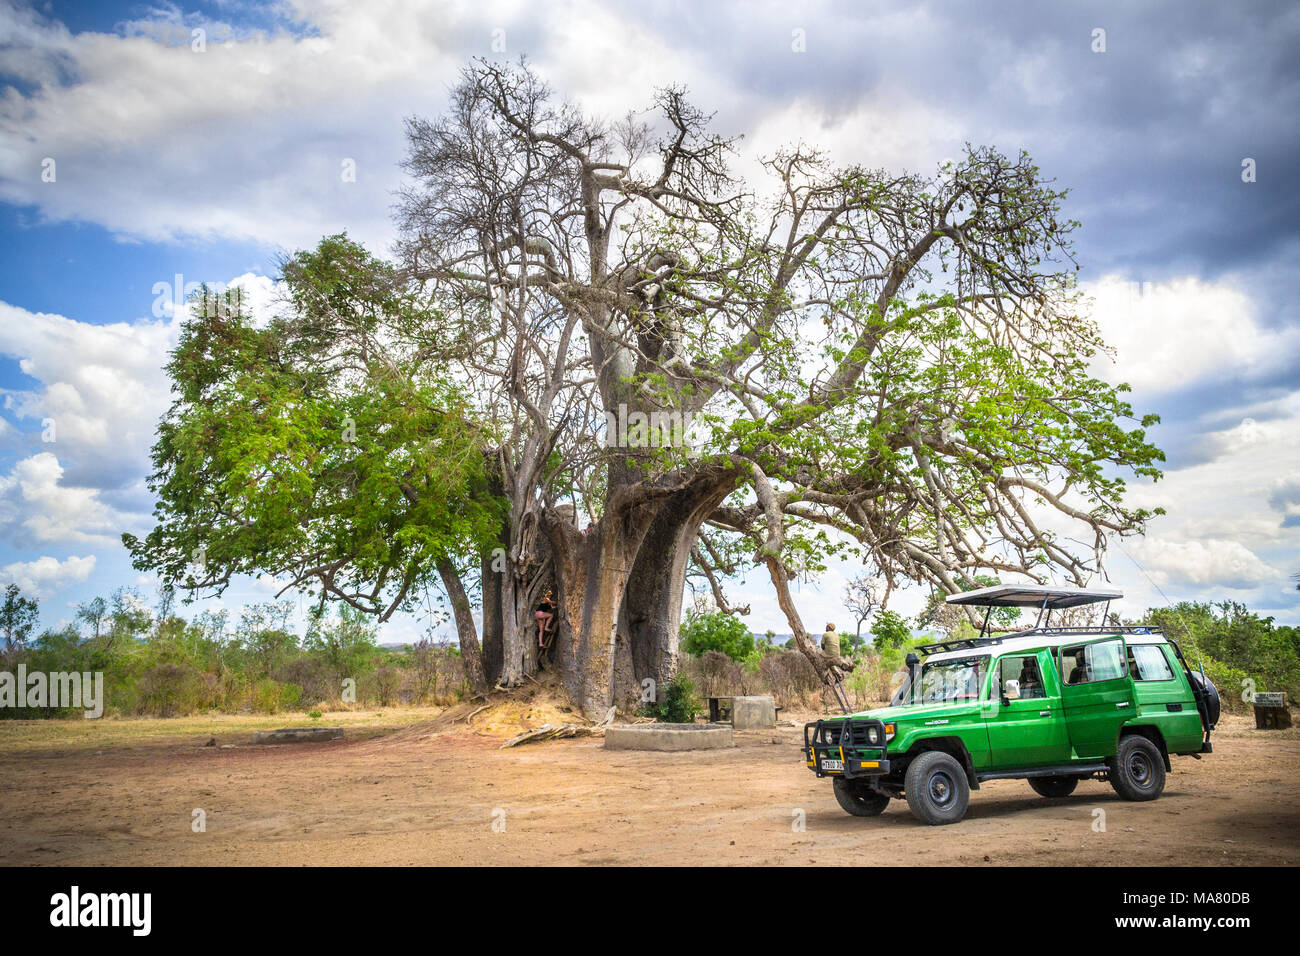 SAFARI TANZANIA, RUAHA, MIKUMI, AFRICA NATURE AND LANSCAPE WITH DANGEROUS ANIMALS - Stock Image